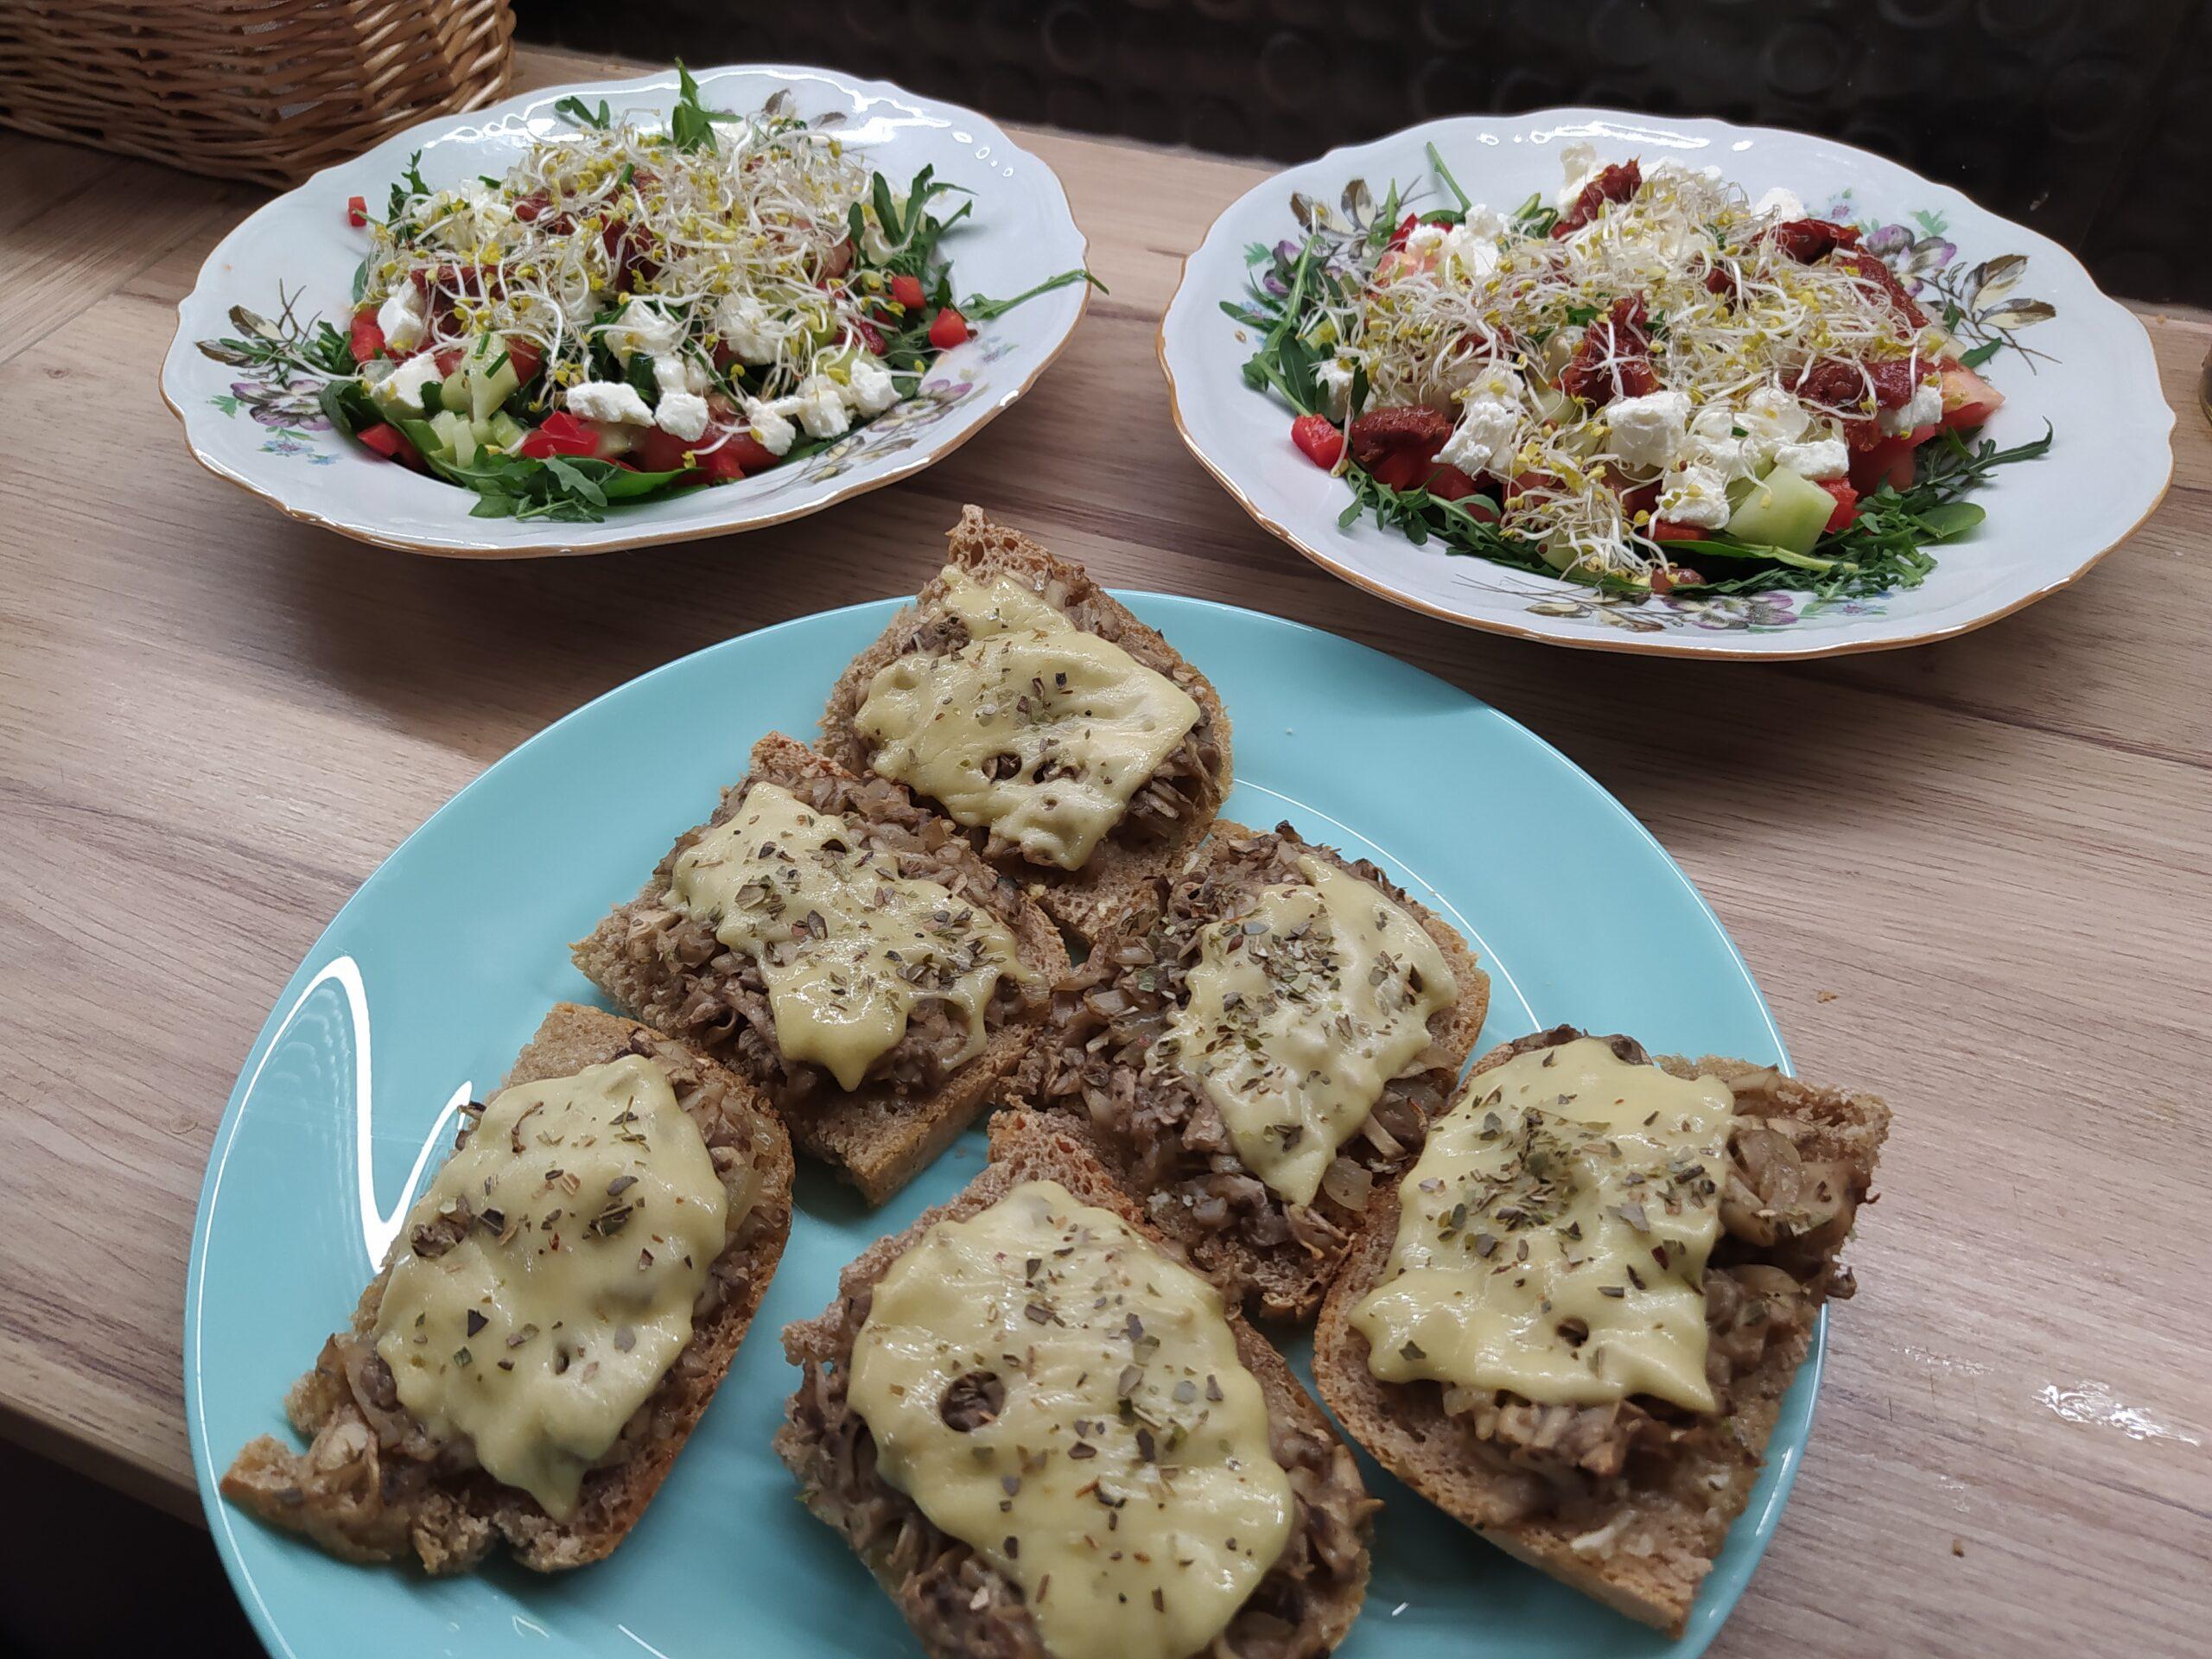 Zielona sałatka i grzanki z pieczarkami i serem